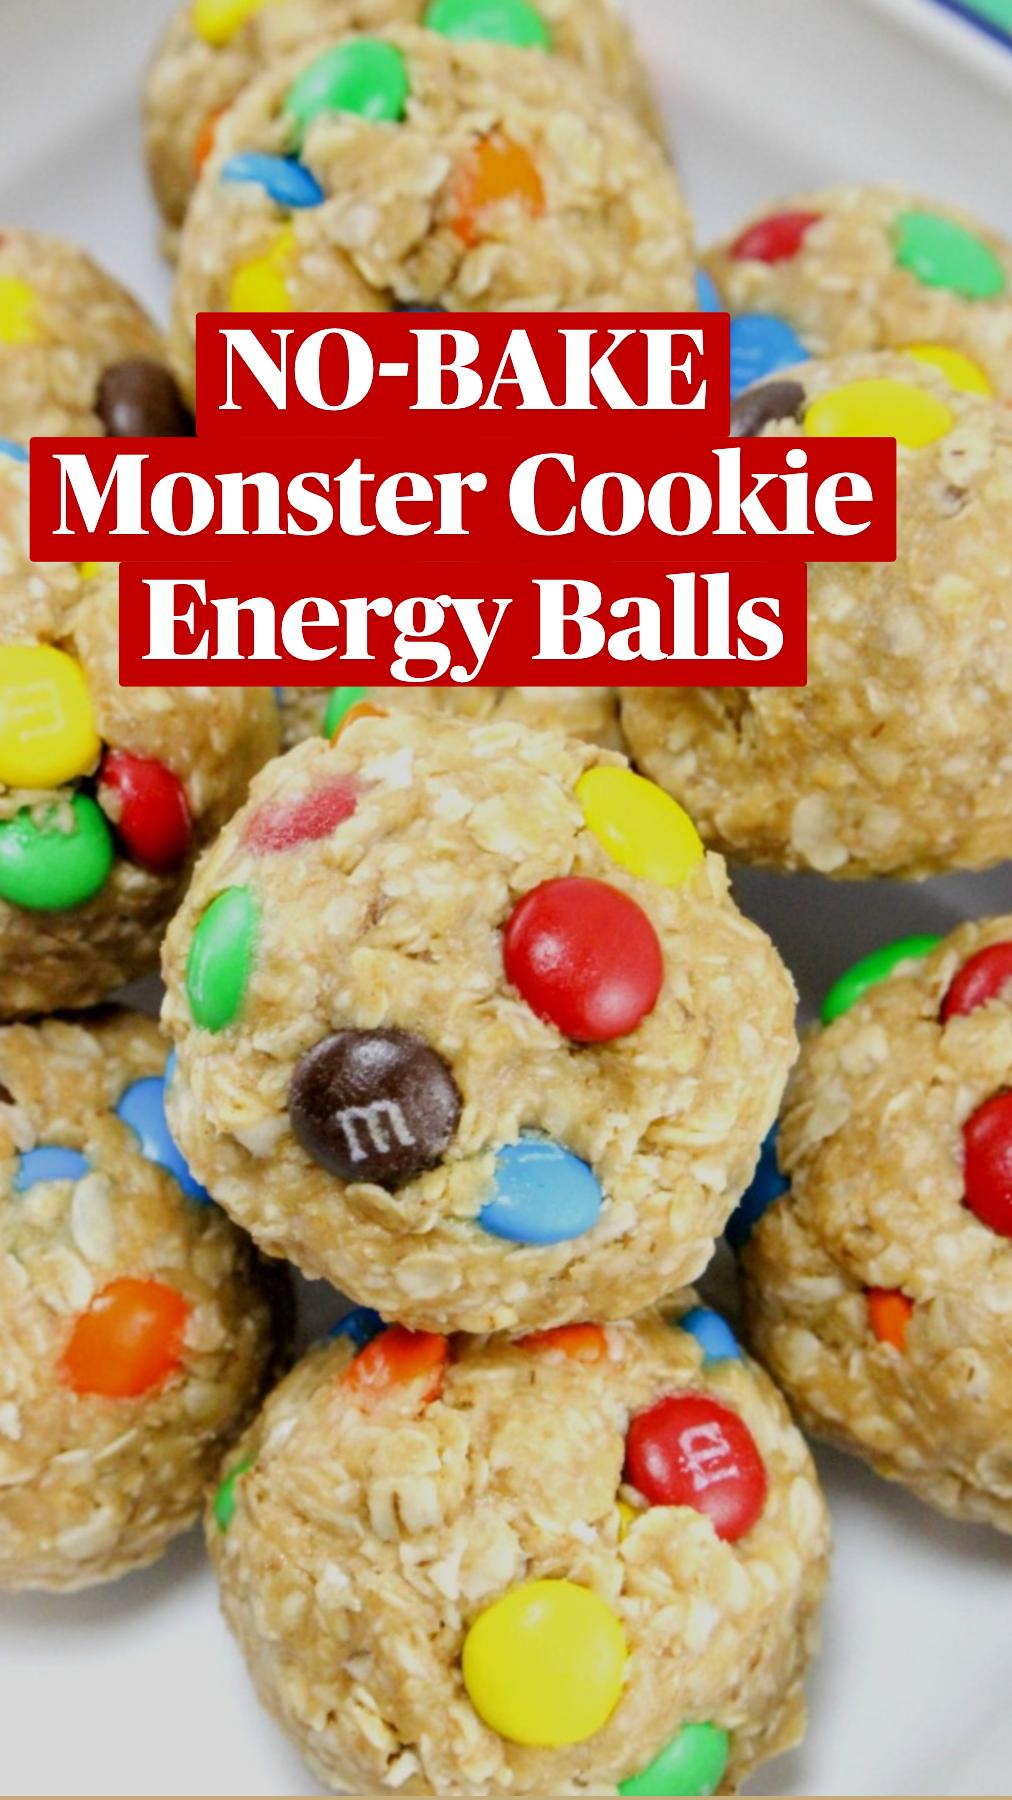 No-Bake Monster CookieEnergy Balls